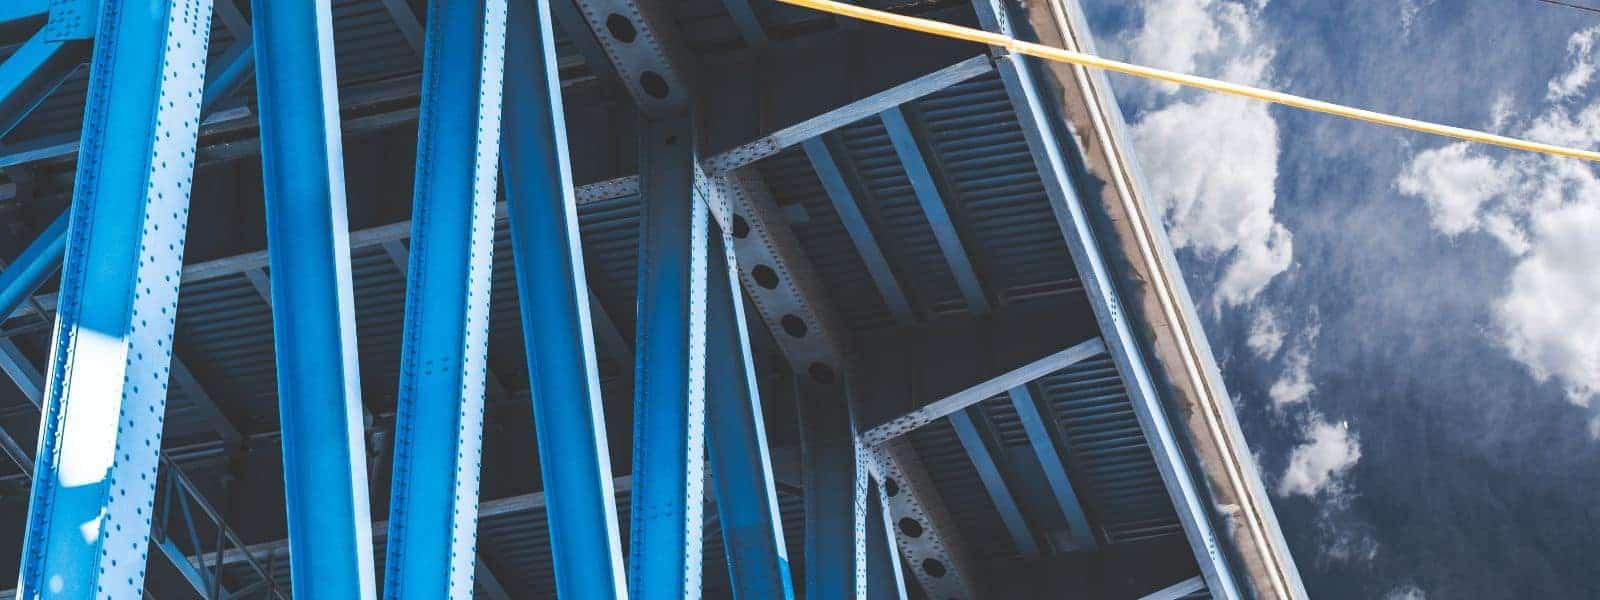 Stahlbauarbeiten kaufen auf restado